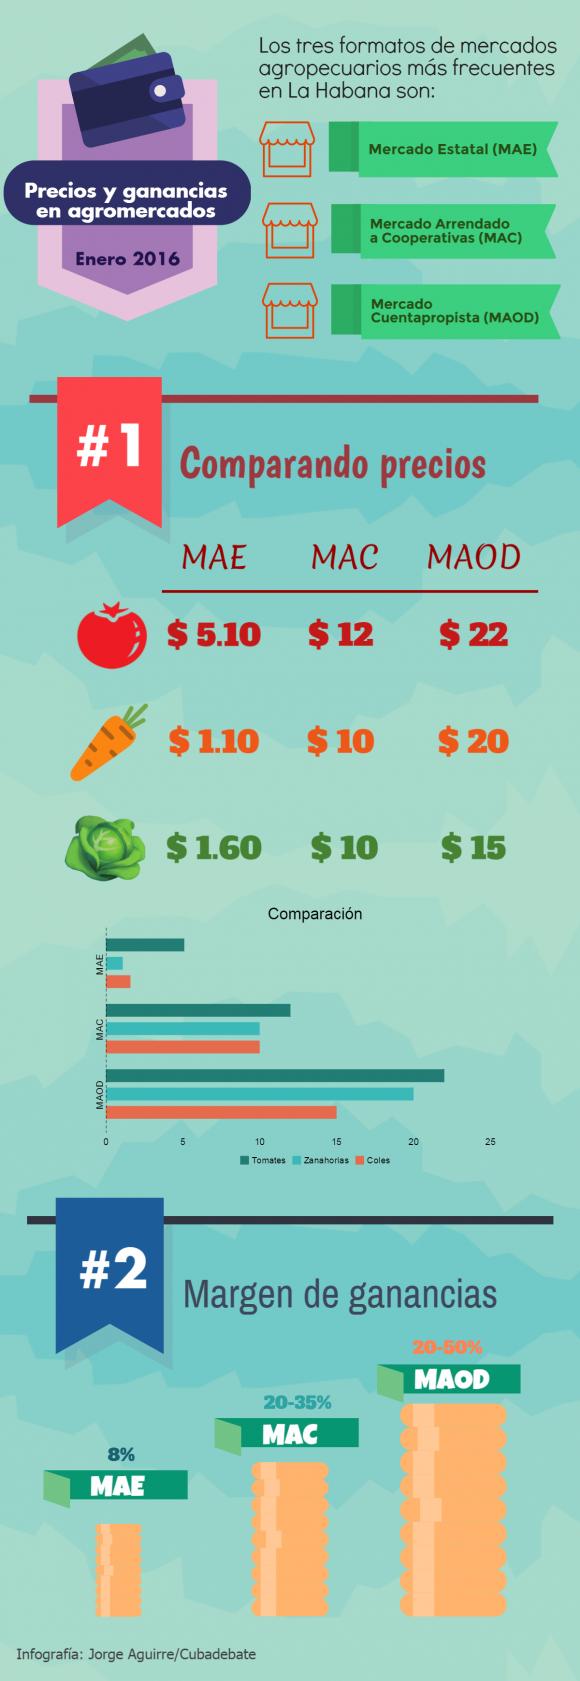 Comparación de los precios en tres tipos de agromercados y de las ganancias obtenidas sobre la inversión. Autor: Jorge Aguirre/Cubadebate.